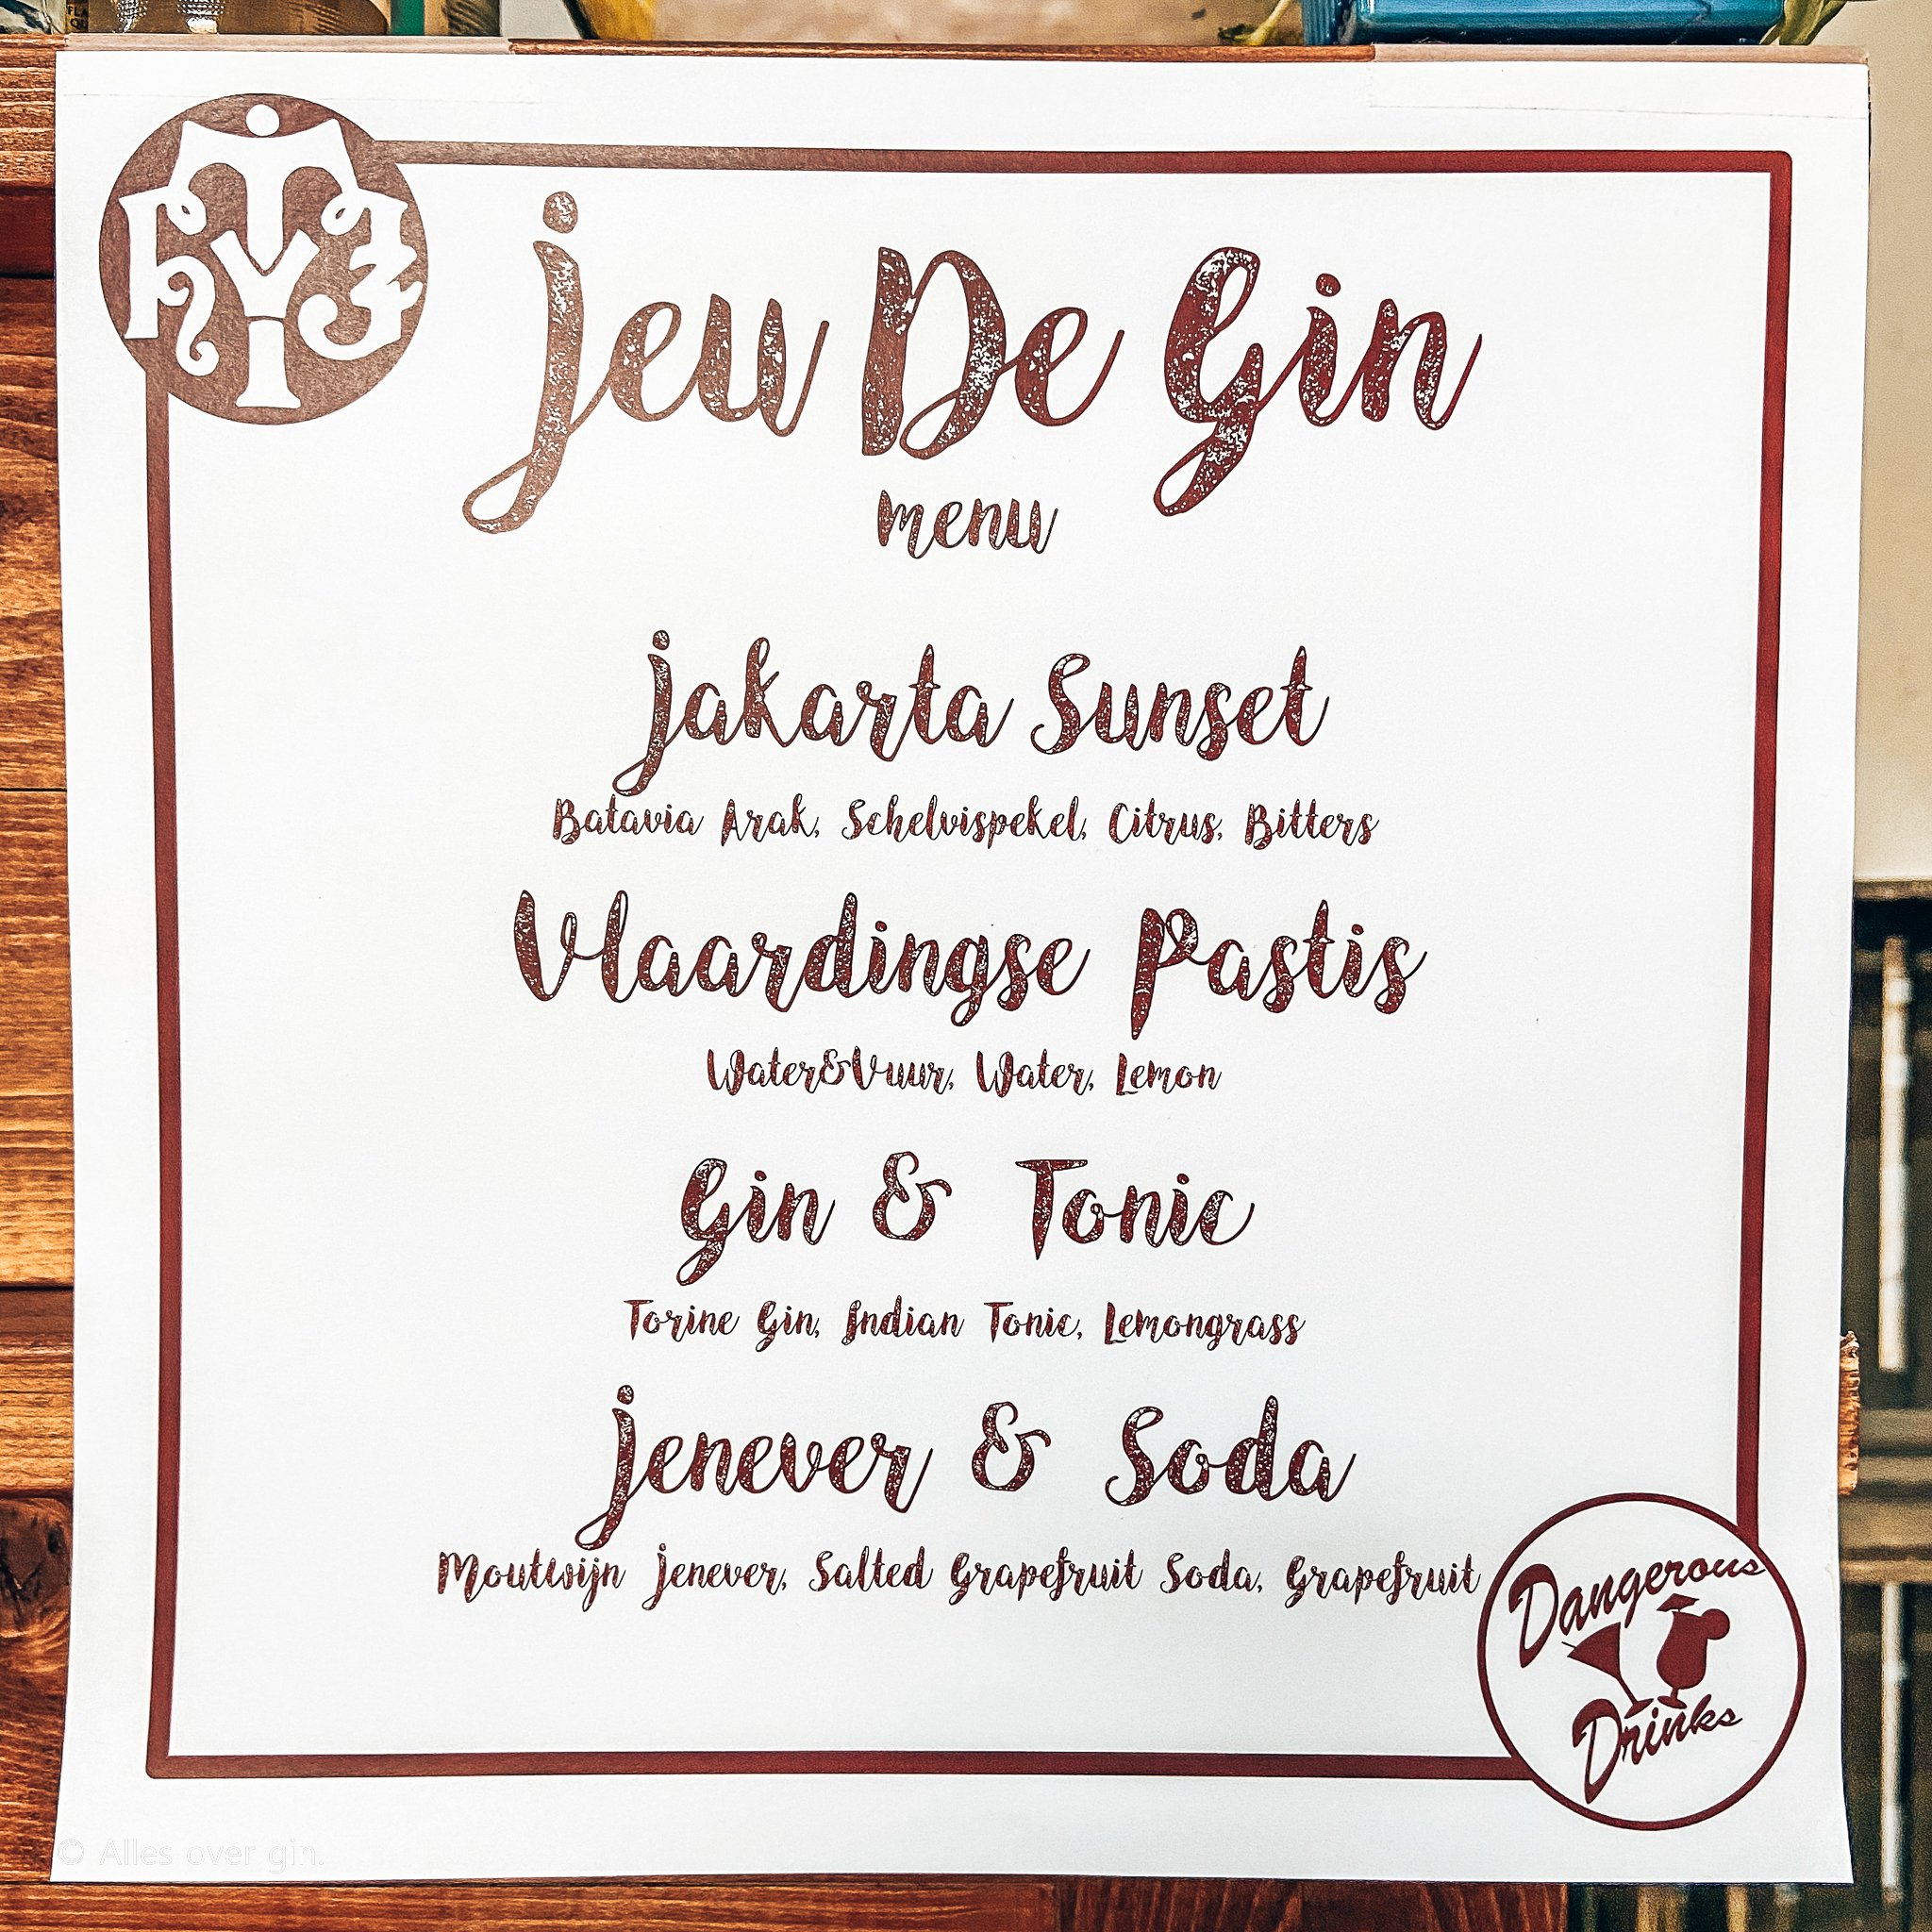 Menukaart JeuDeGin, Distilleerderij Van Toor, Alles over gin.